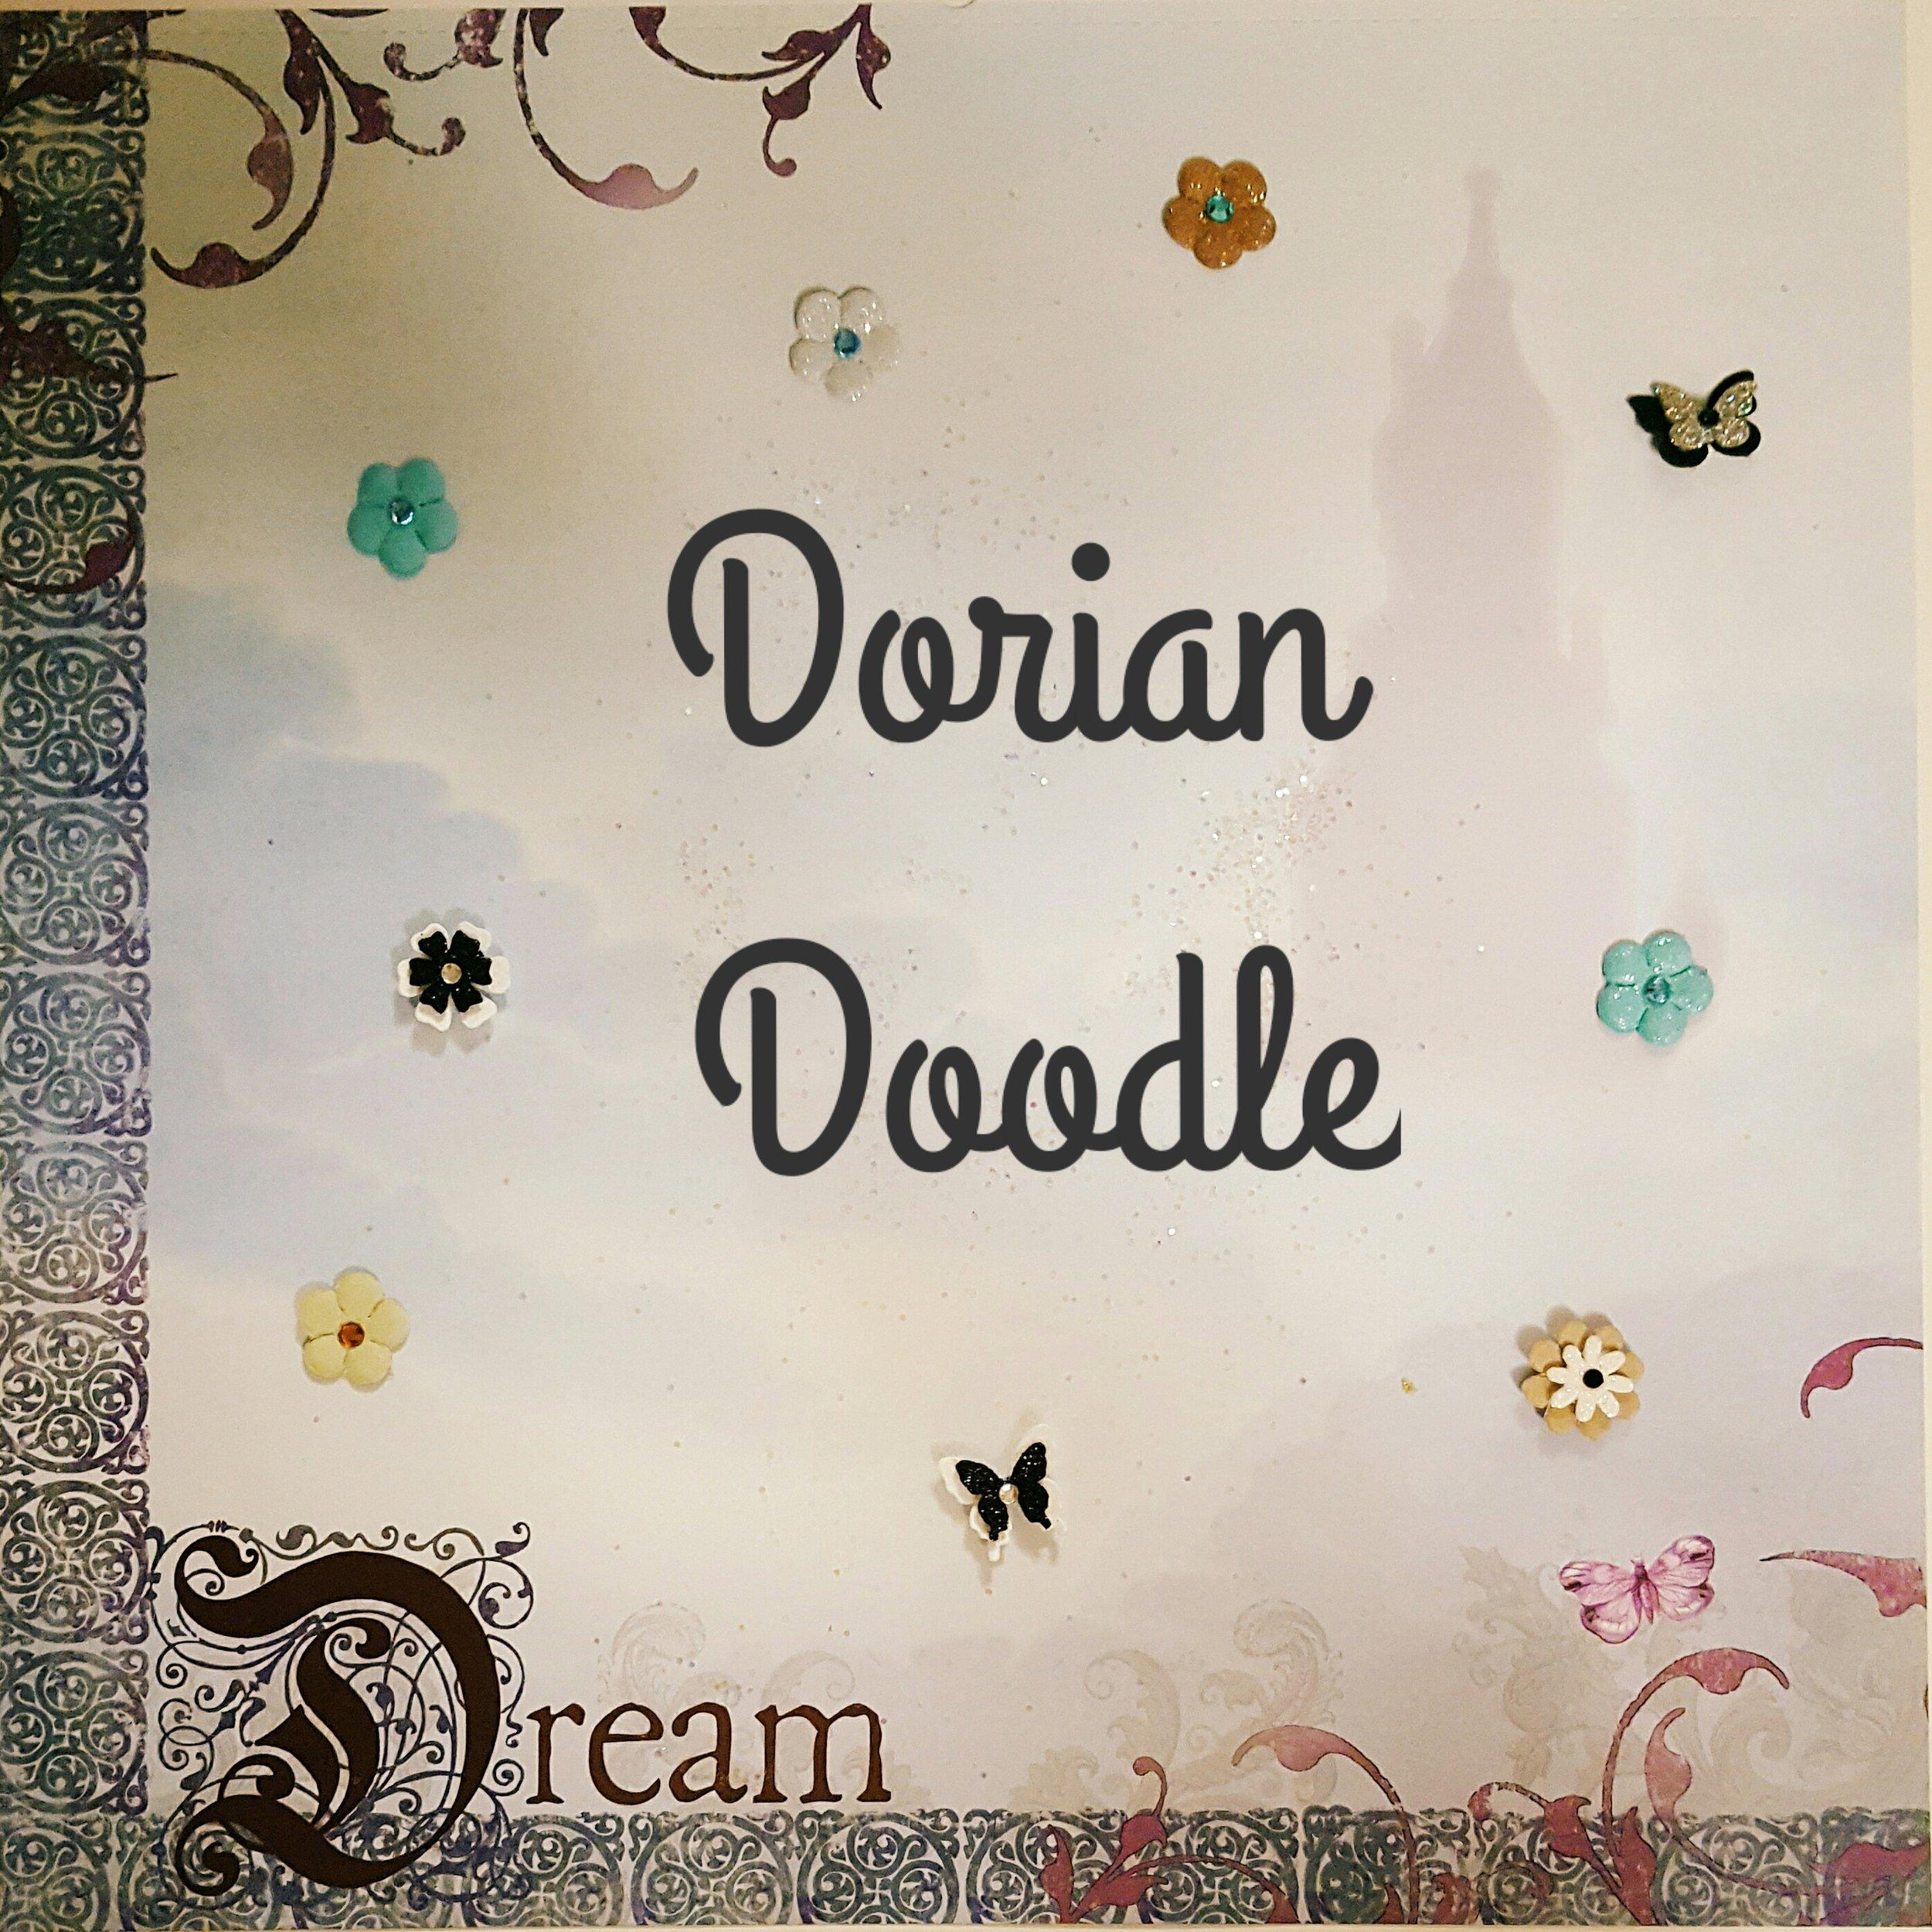 Dorian doodle.jpg